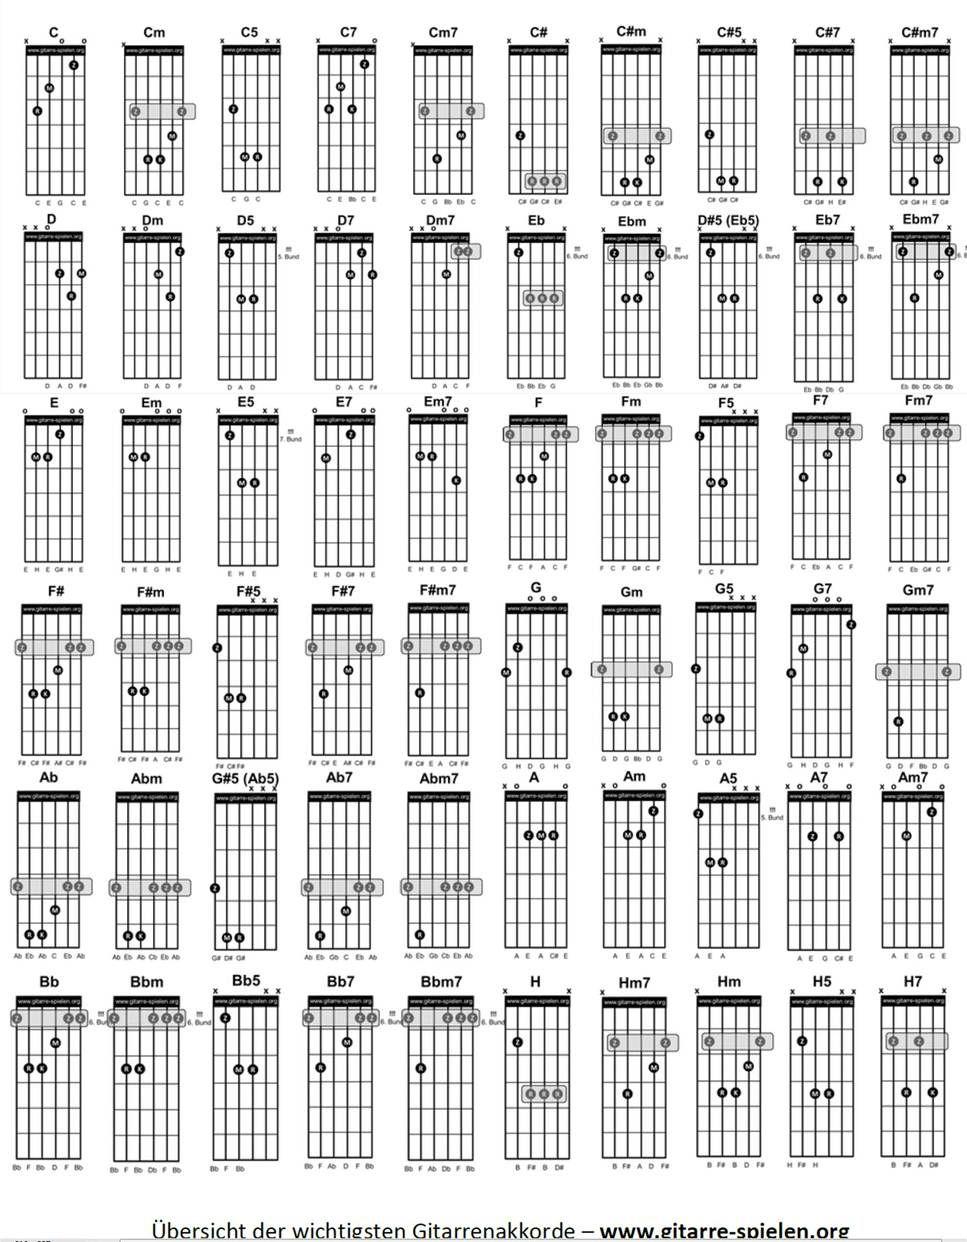 Gitarrenakkorde Gitarrengriffe Pdf (Mit Bildern) | Gitarren ganzes Gitarrengriffe Für Anfänger Zum Ausdrucken